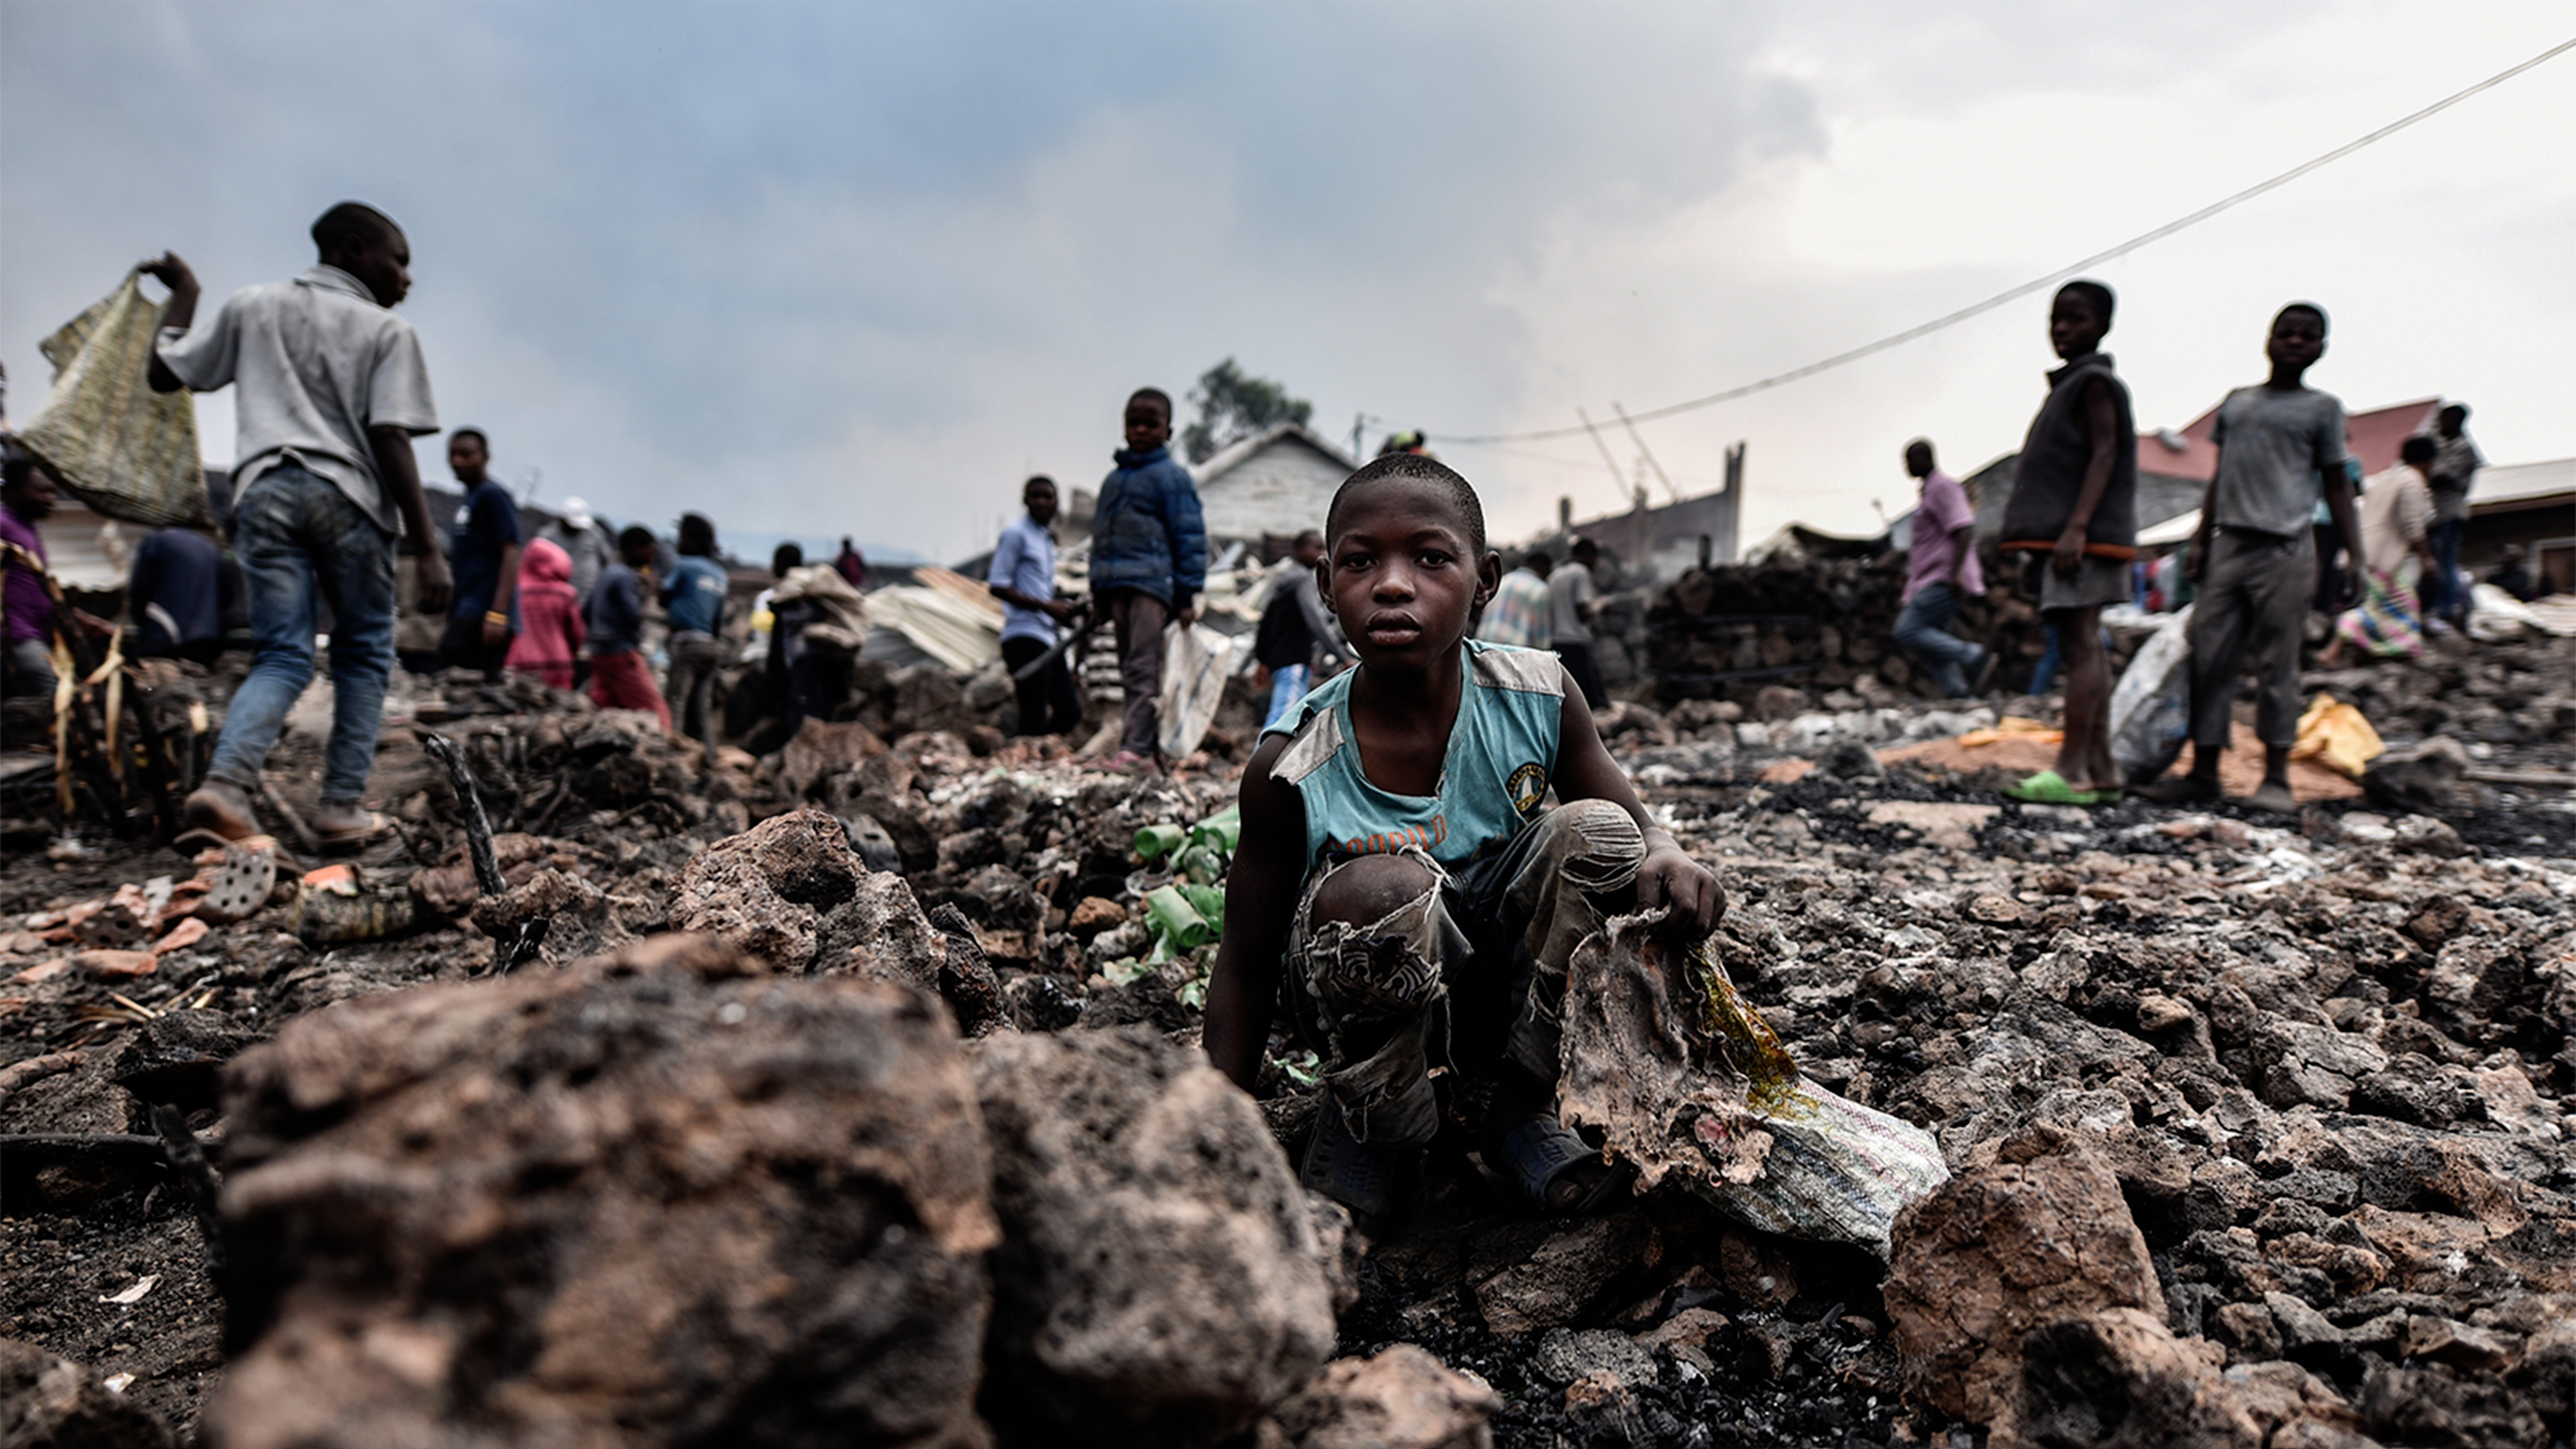 2020 Rep. Dem. Congo Congo. Uno dei tanti bambini rimasti separati dai genitori dopo l'eruzione del vulcano Nyiragongo